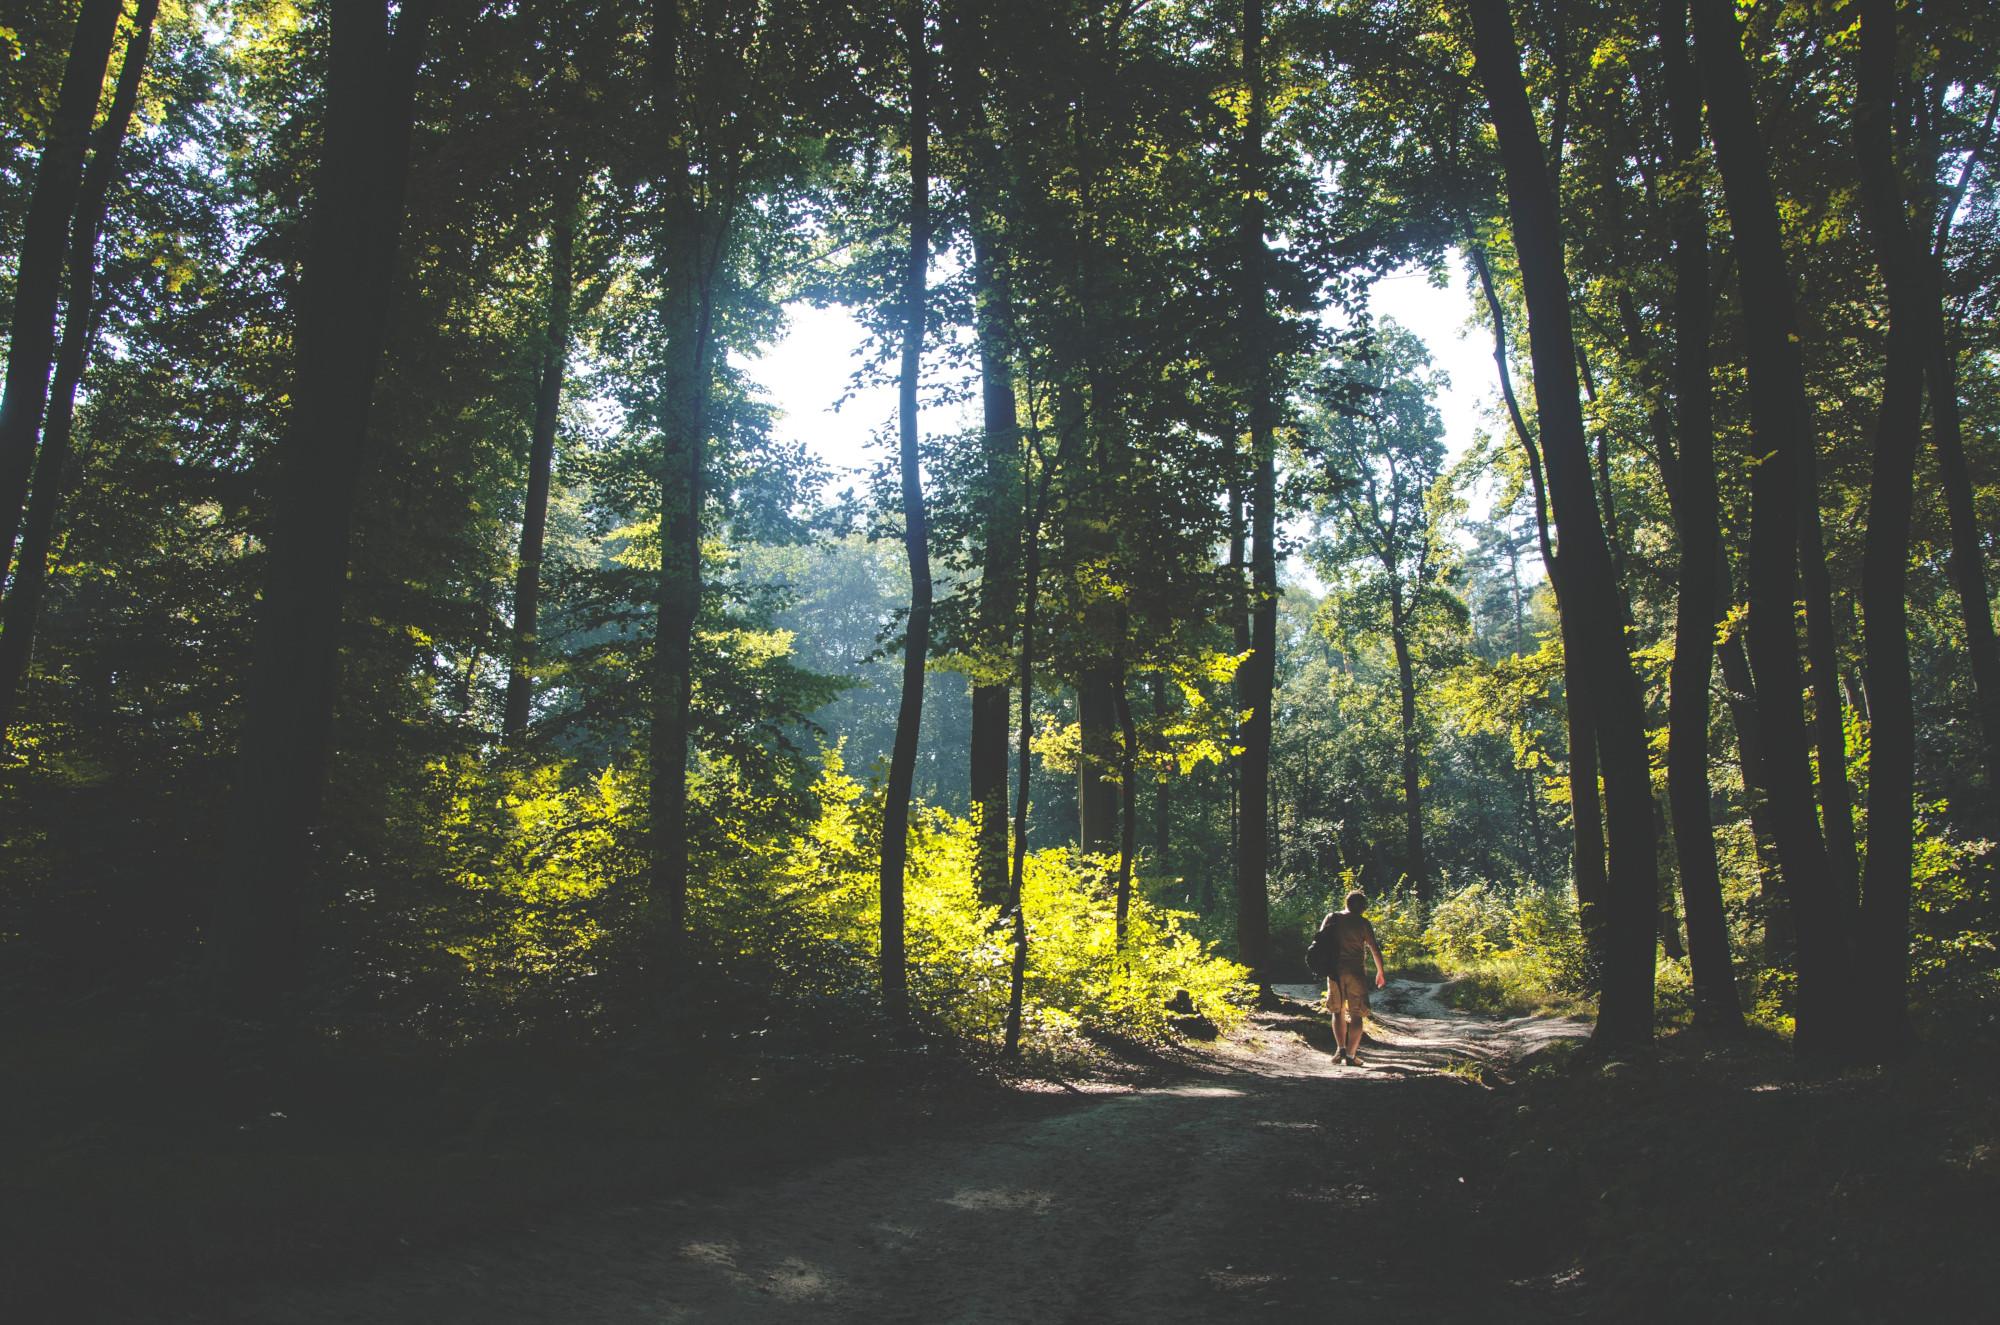 Waldweg ein Spaziergänger